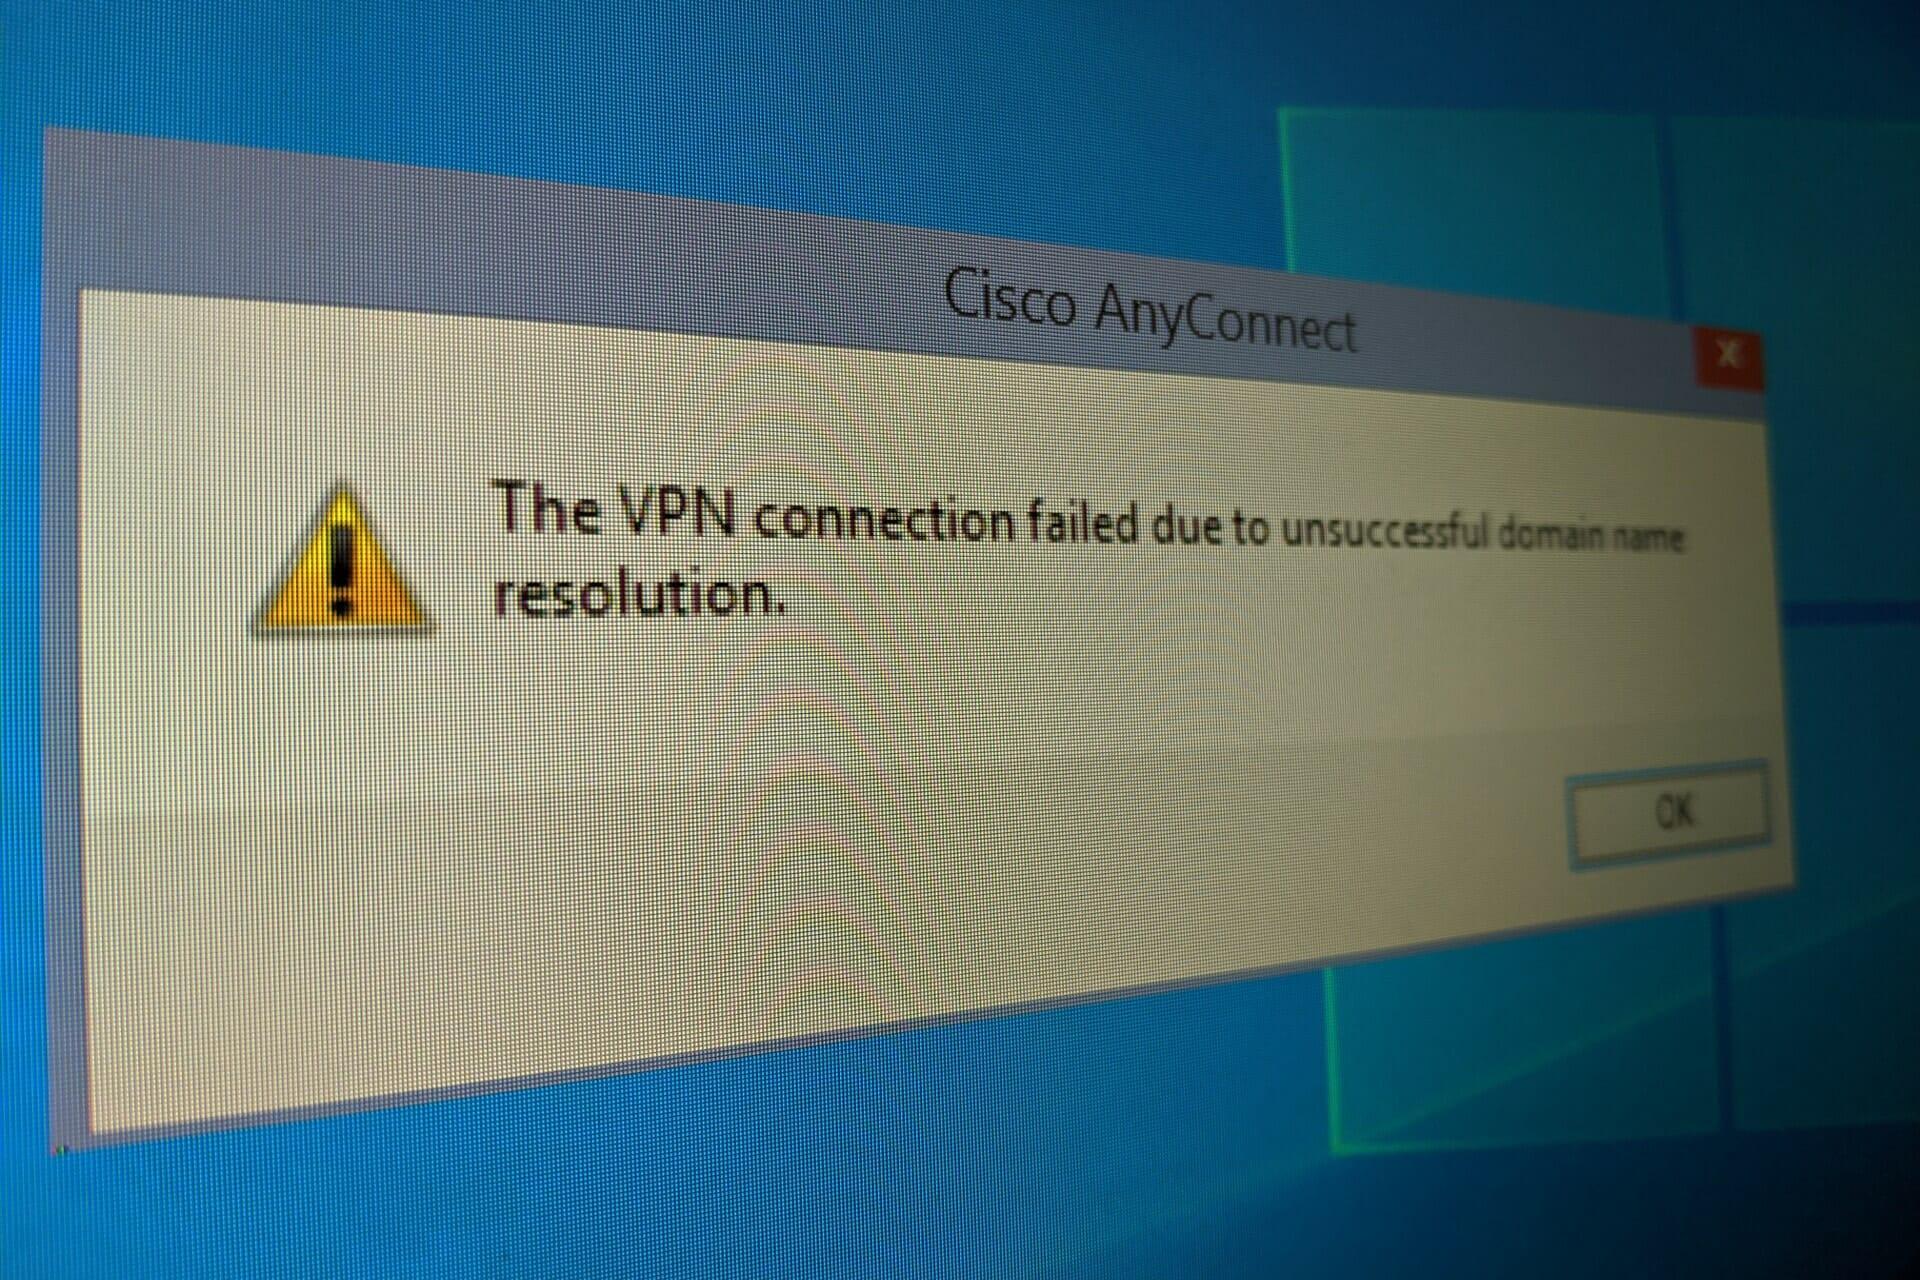 réparer le VPN a échoué en raison d